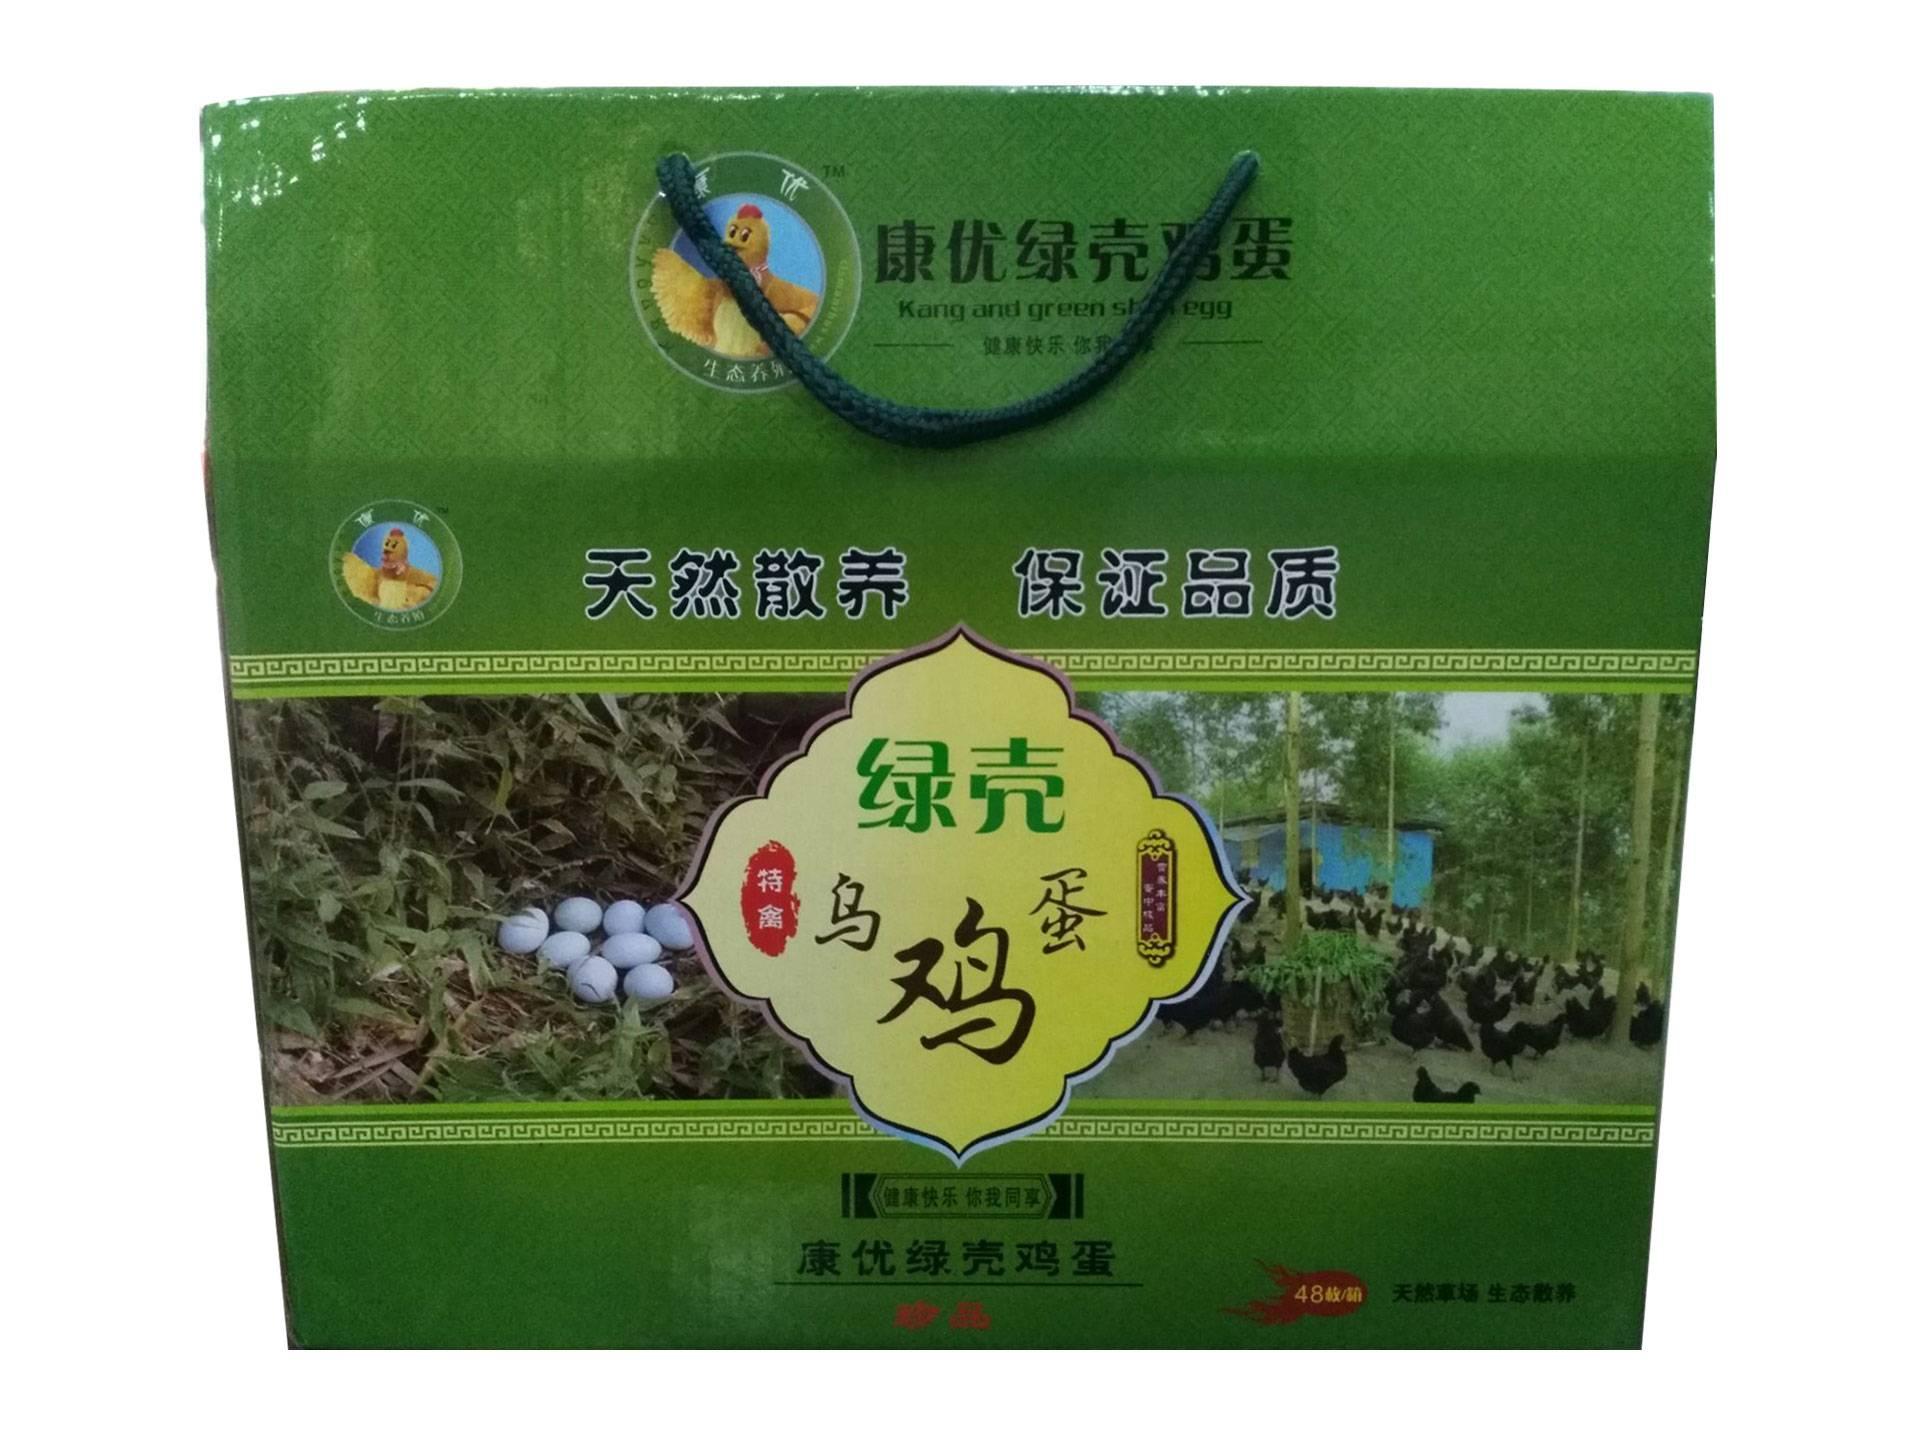 生态散养特色土乌鸡蛋30枚/箱